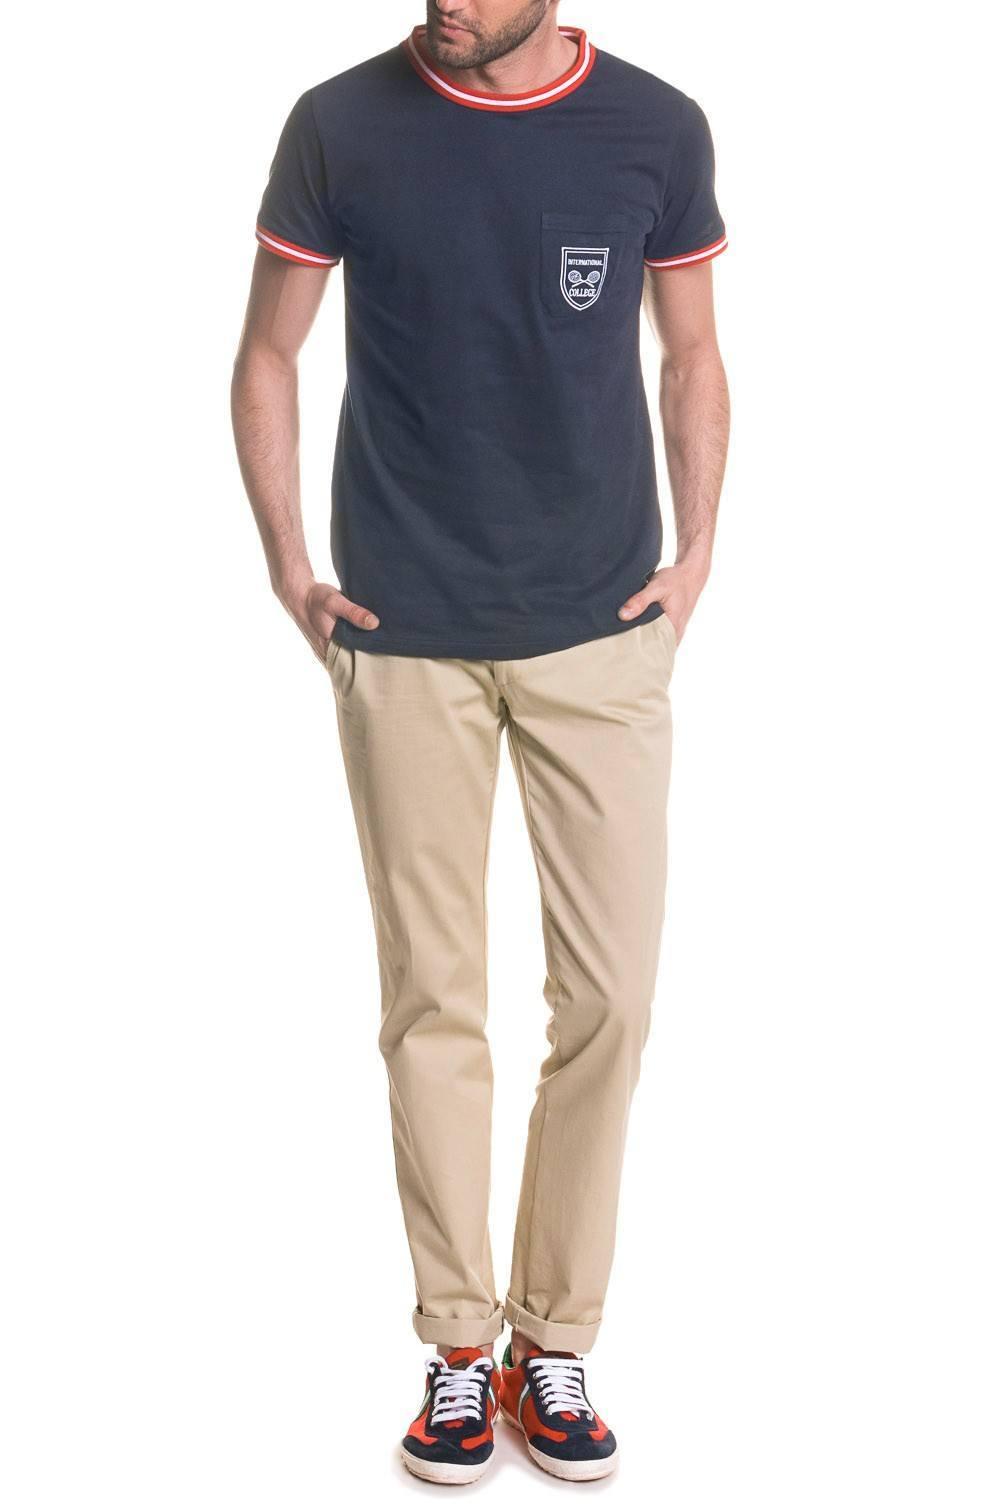 tendencias-camisetas-hombre-verano-2014-camiseta-deportiva-el-ganso